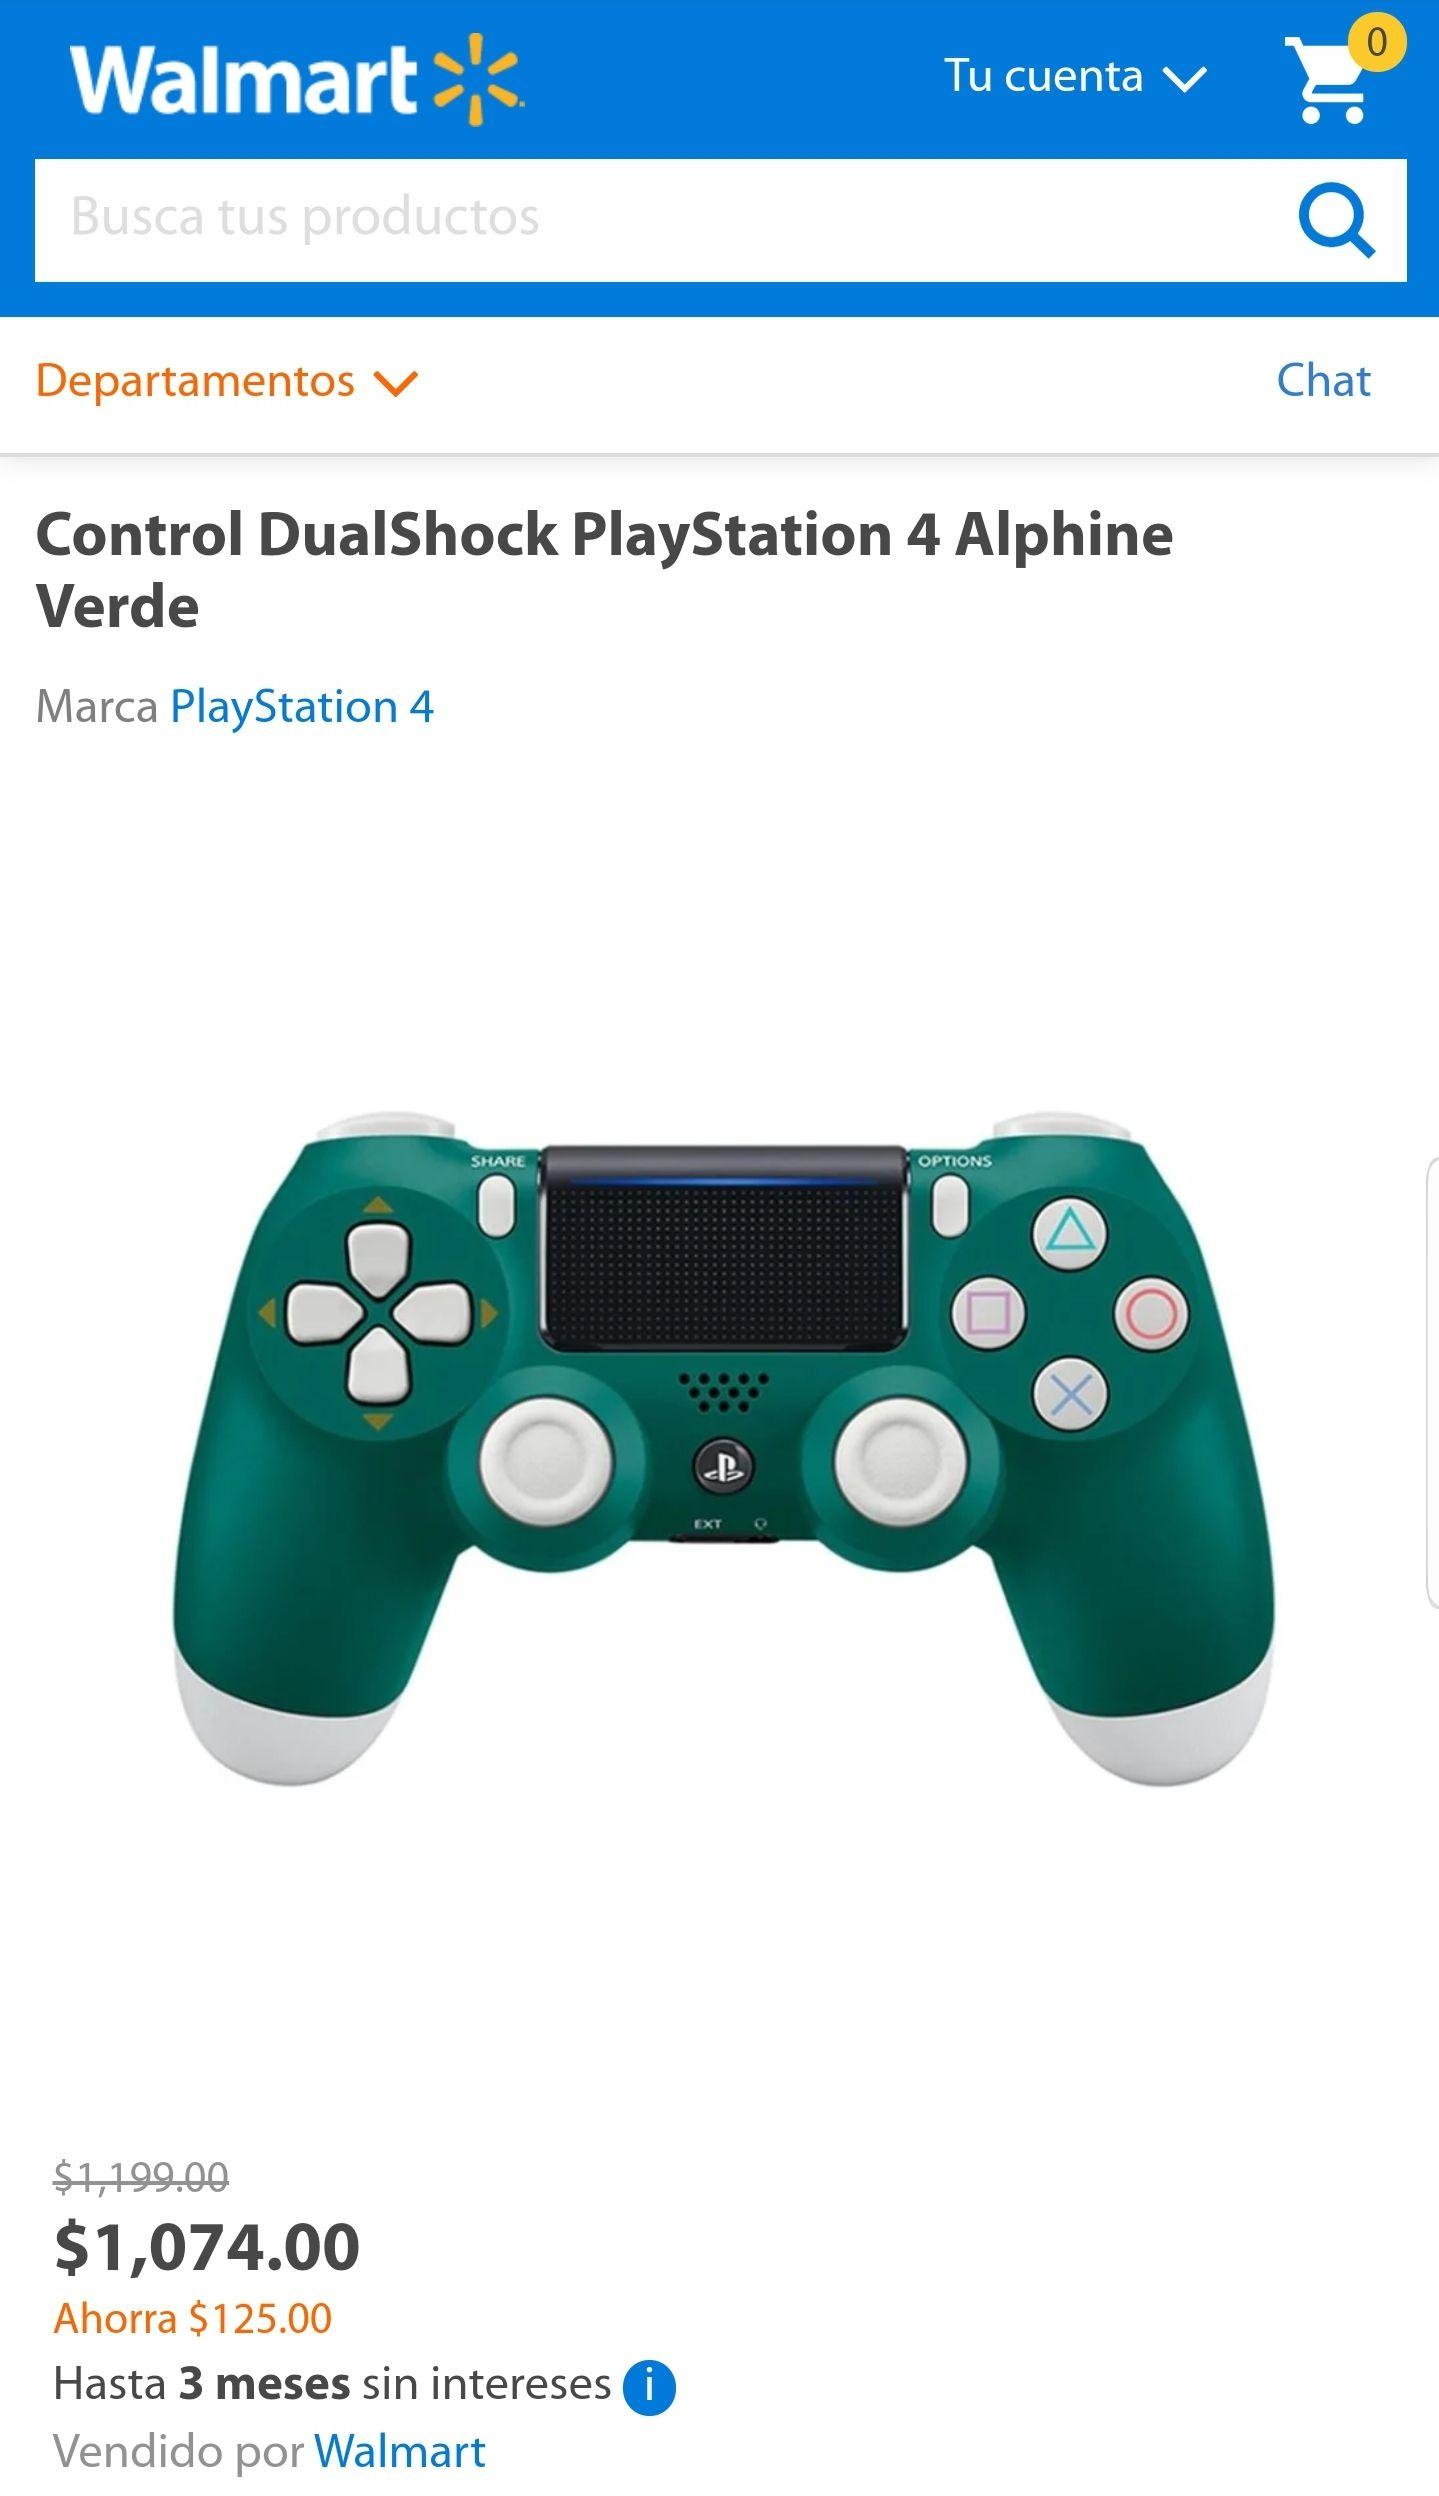 Control PS4 Alphine Verde Walmart online